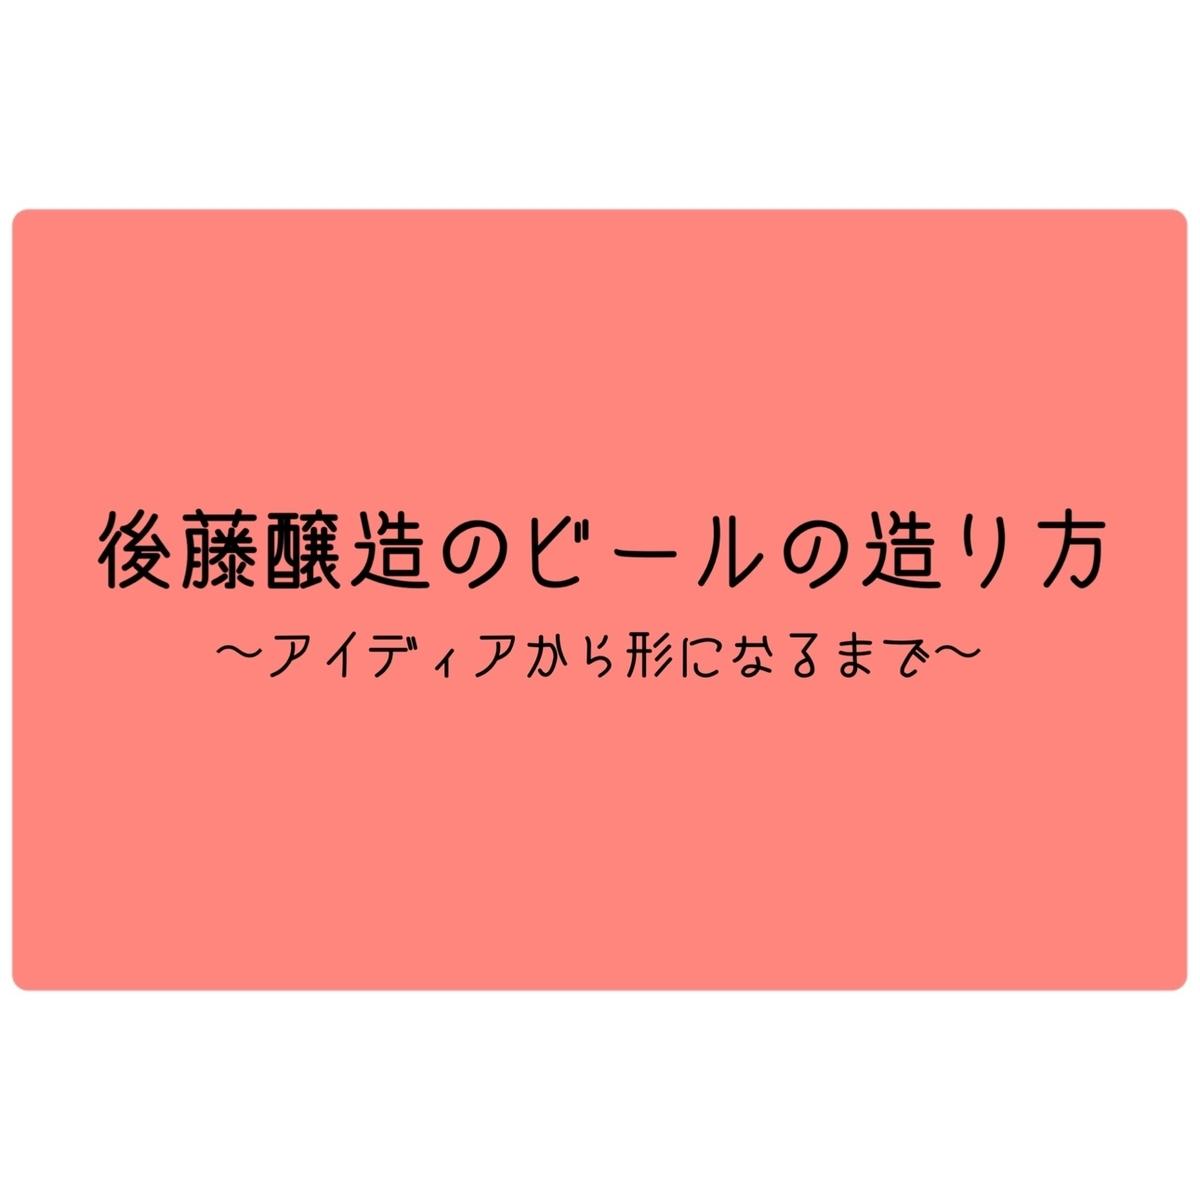 f:id:gotojozo-blog:20190821071748j:plain:w300